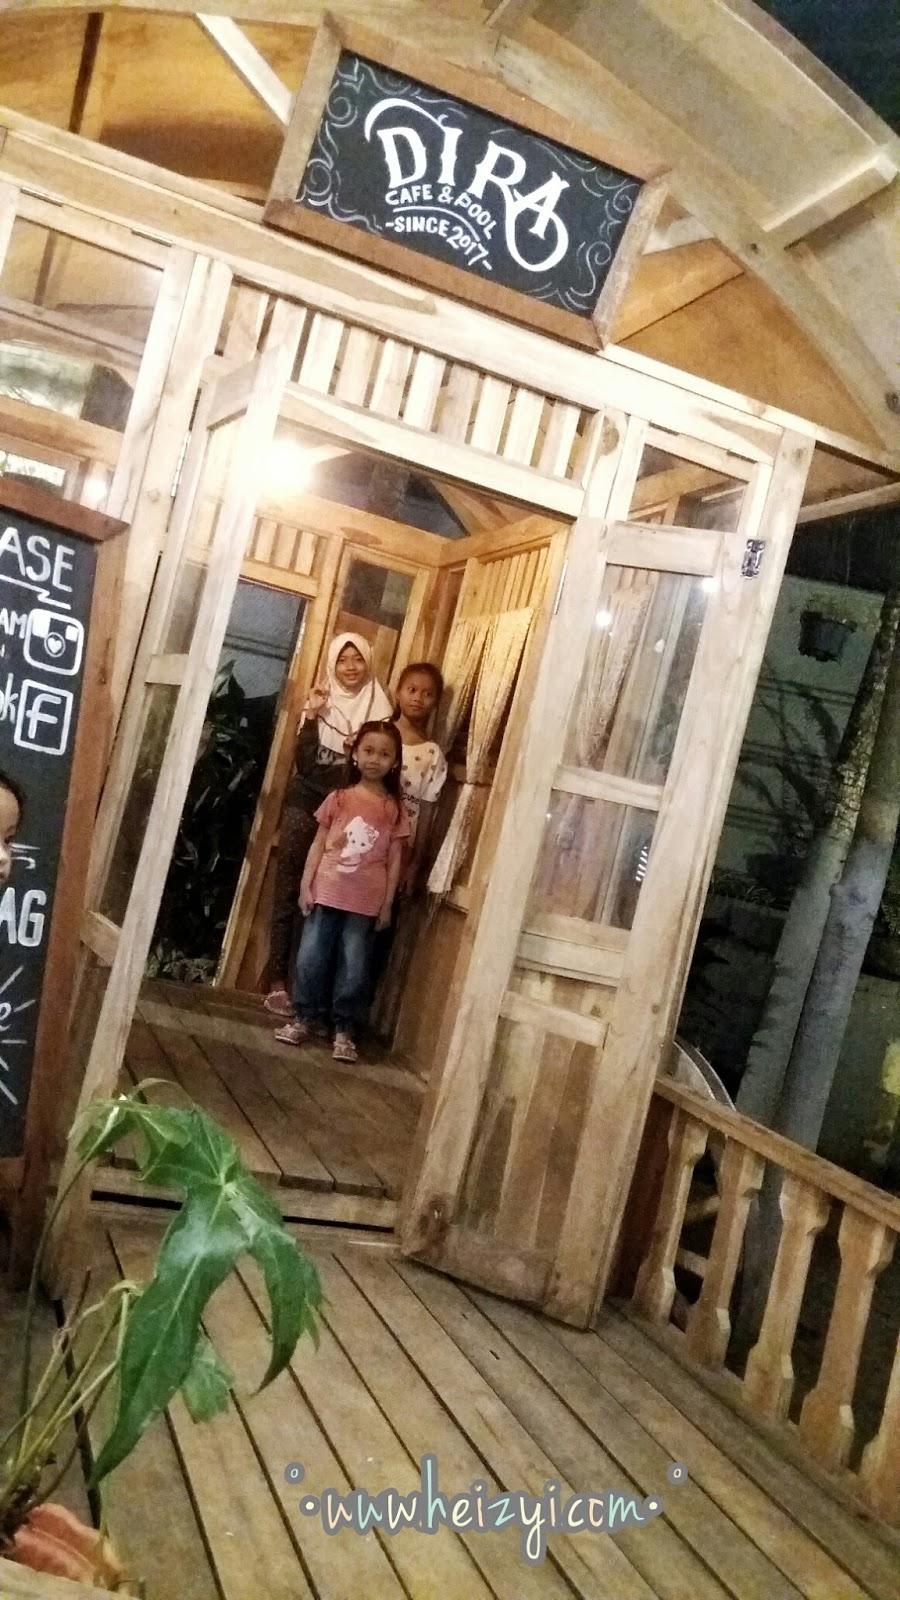 Ini Loh Top 5 Destinasi Wisata Yang Sedang Hits Di Jember Jawa